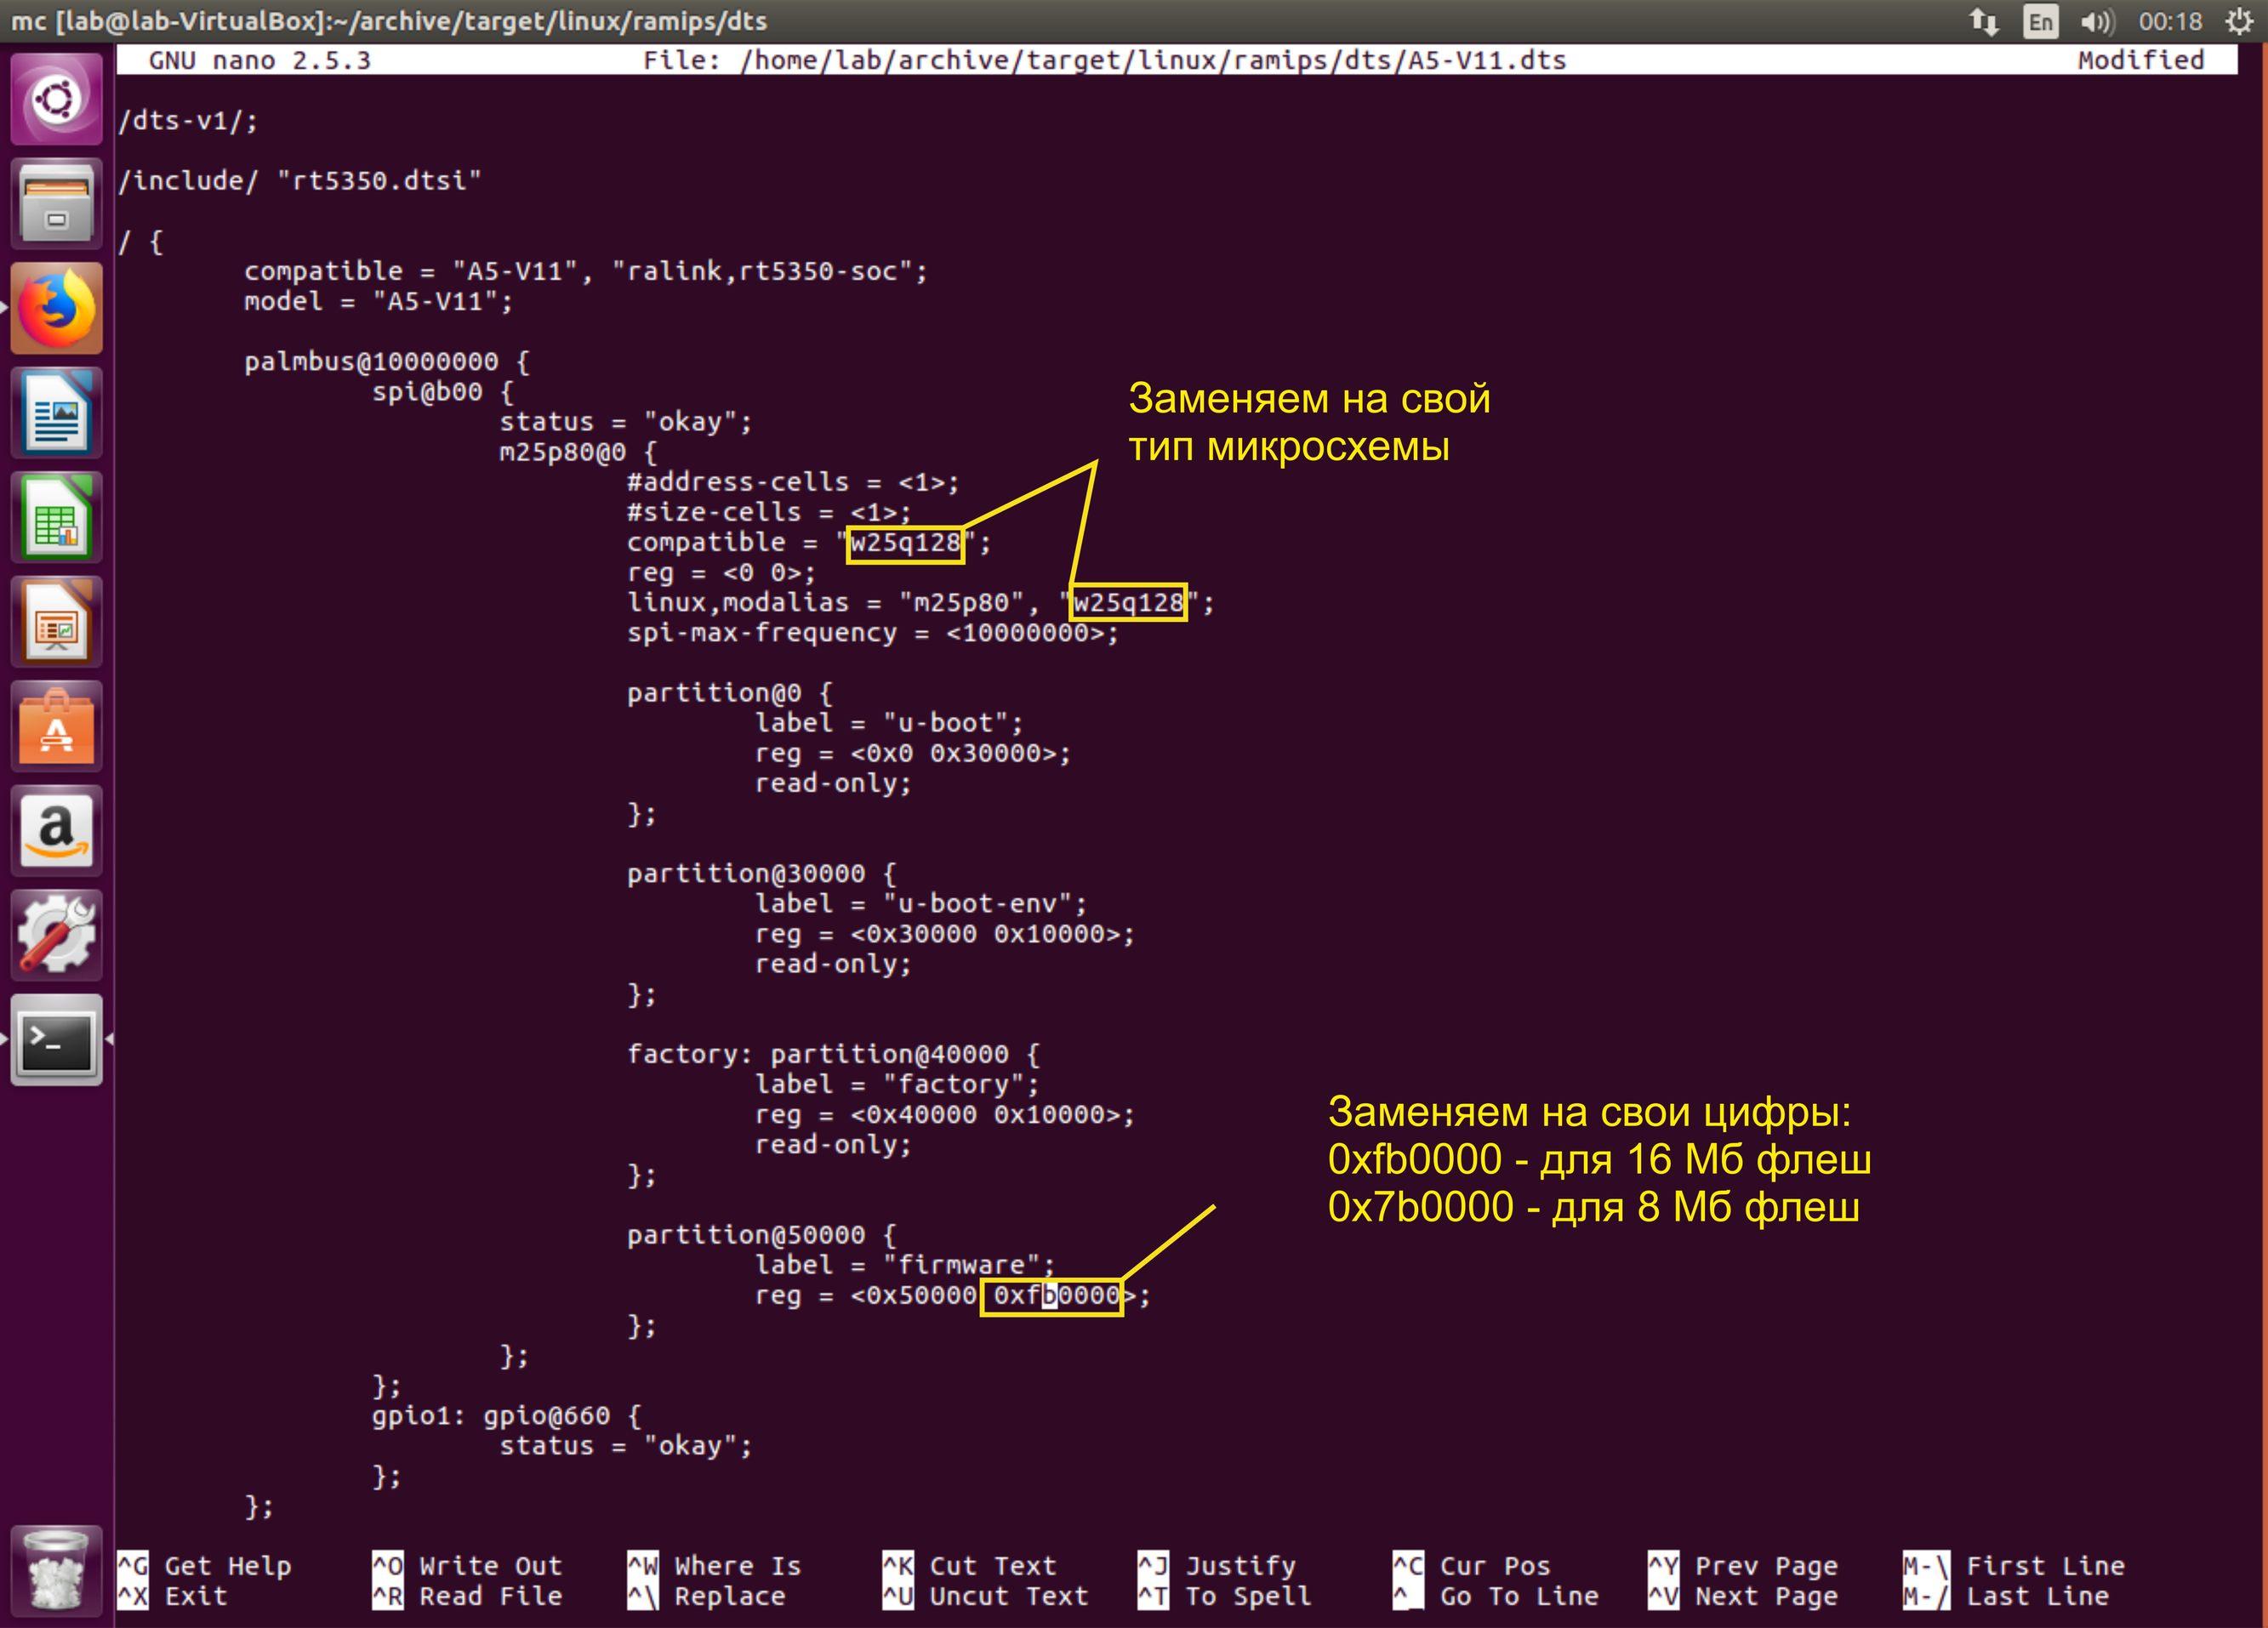 Правка файла *.dts под память увеличенного размера (для 15.05.1)